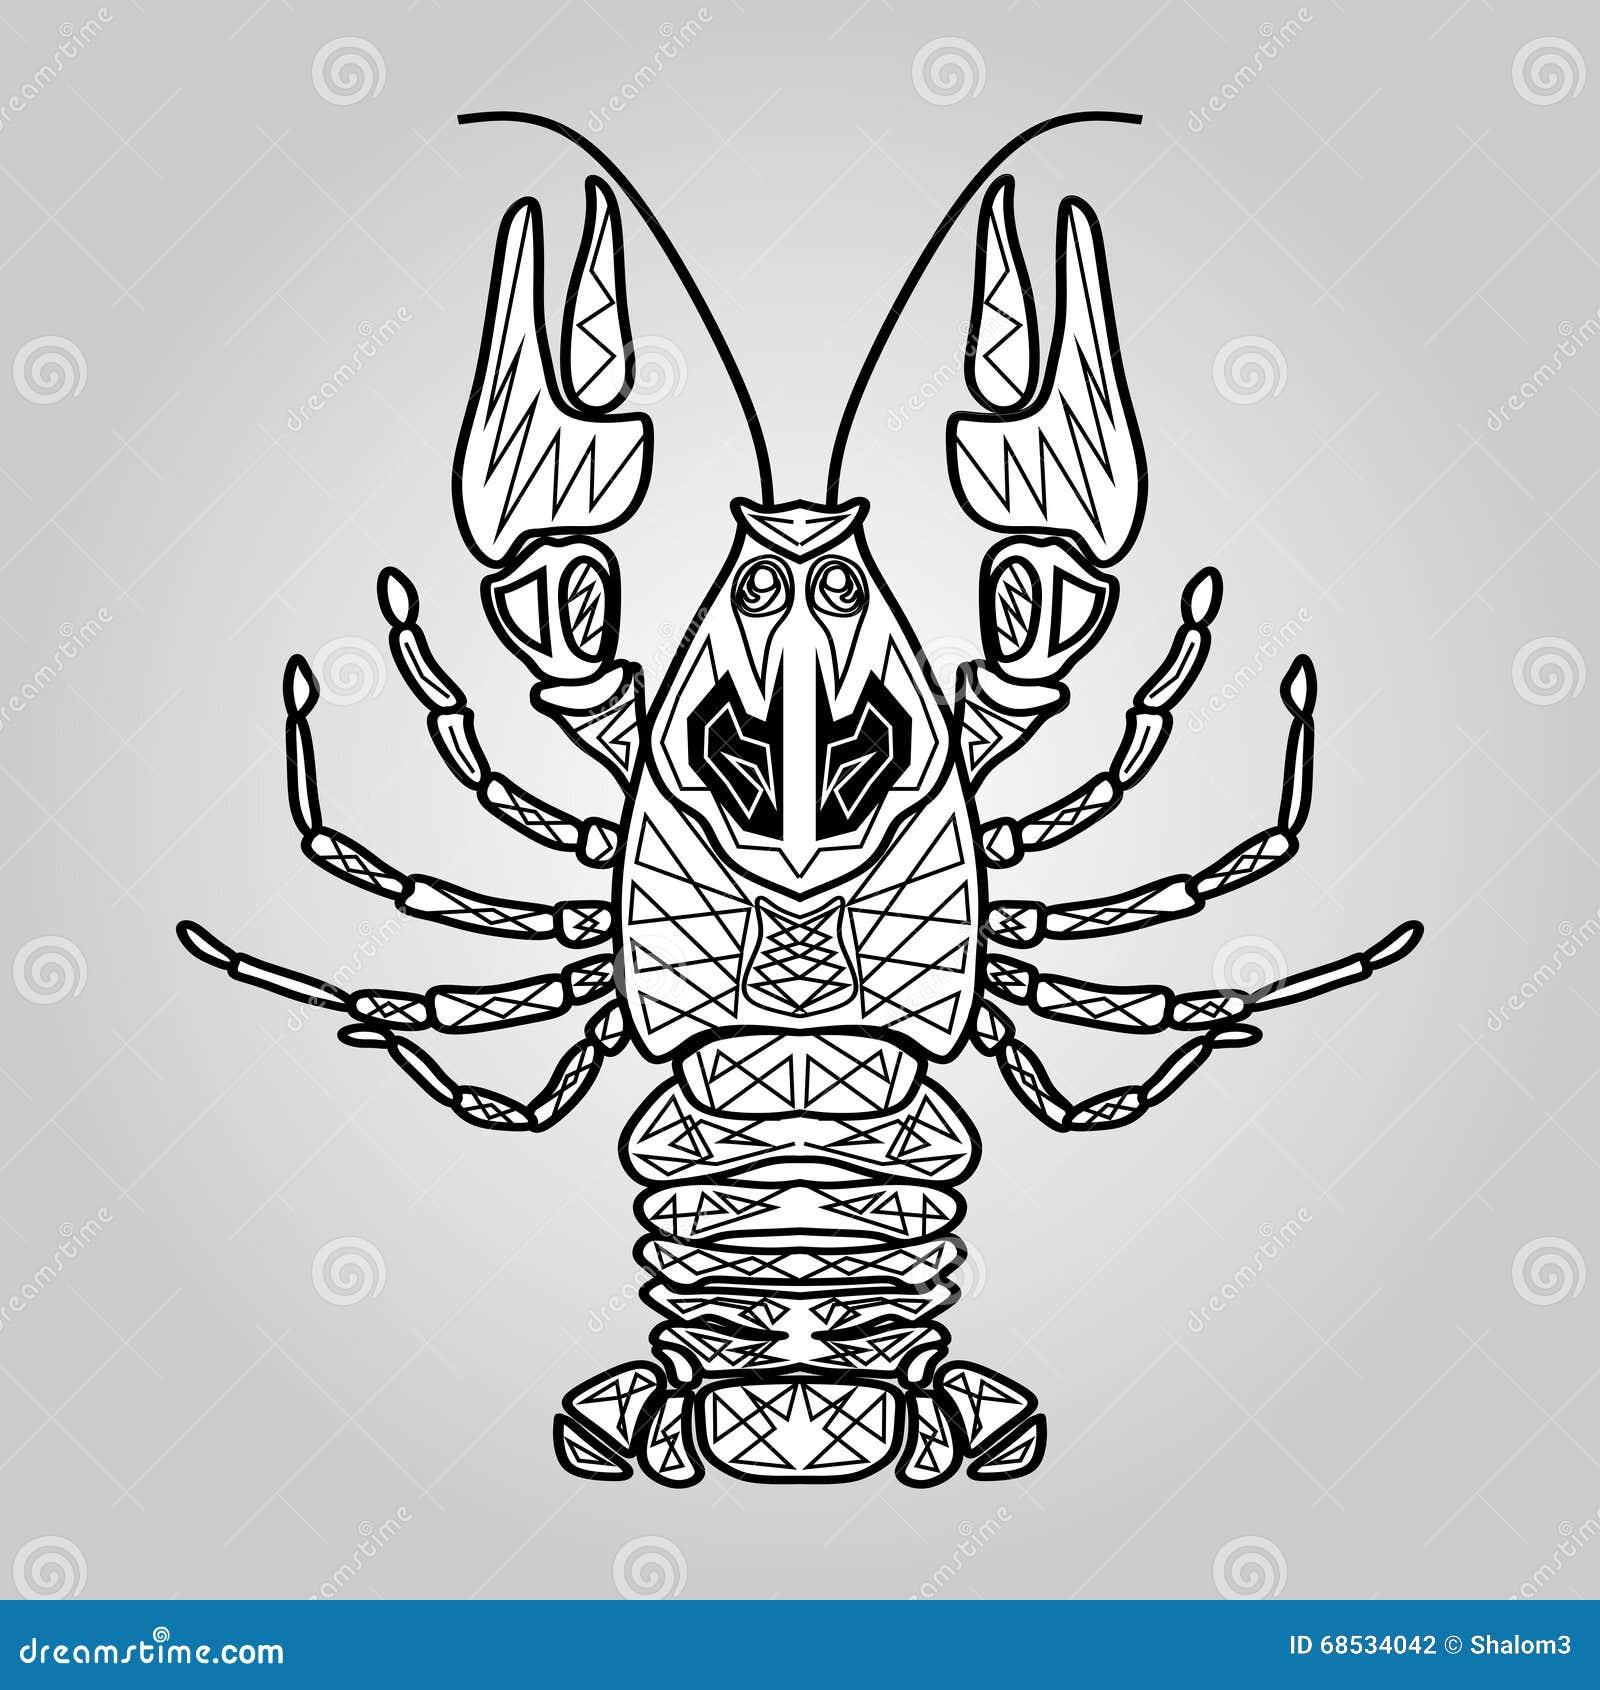 巨蟹星座,白色和黑相称装饰图画,有用当纹身花刺模板,海鲜装饰,鱼